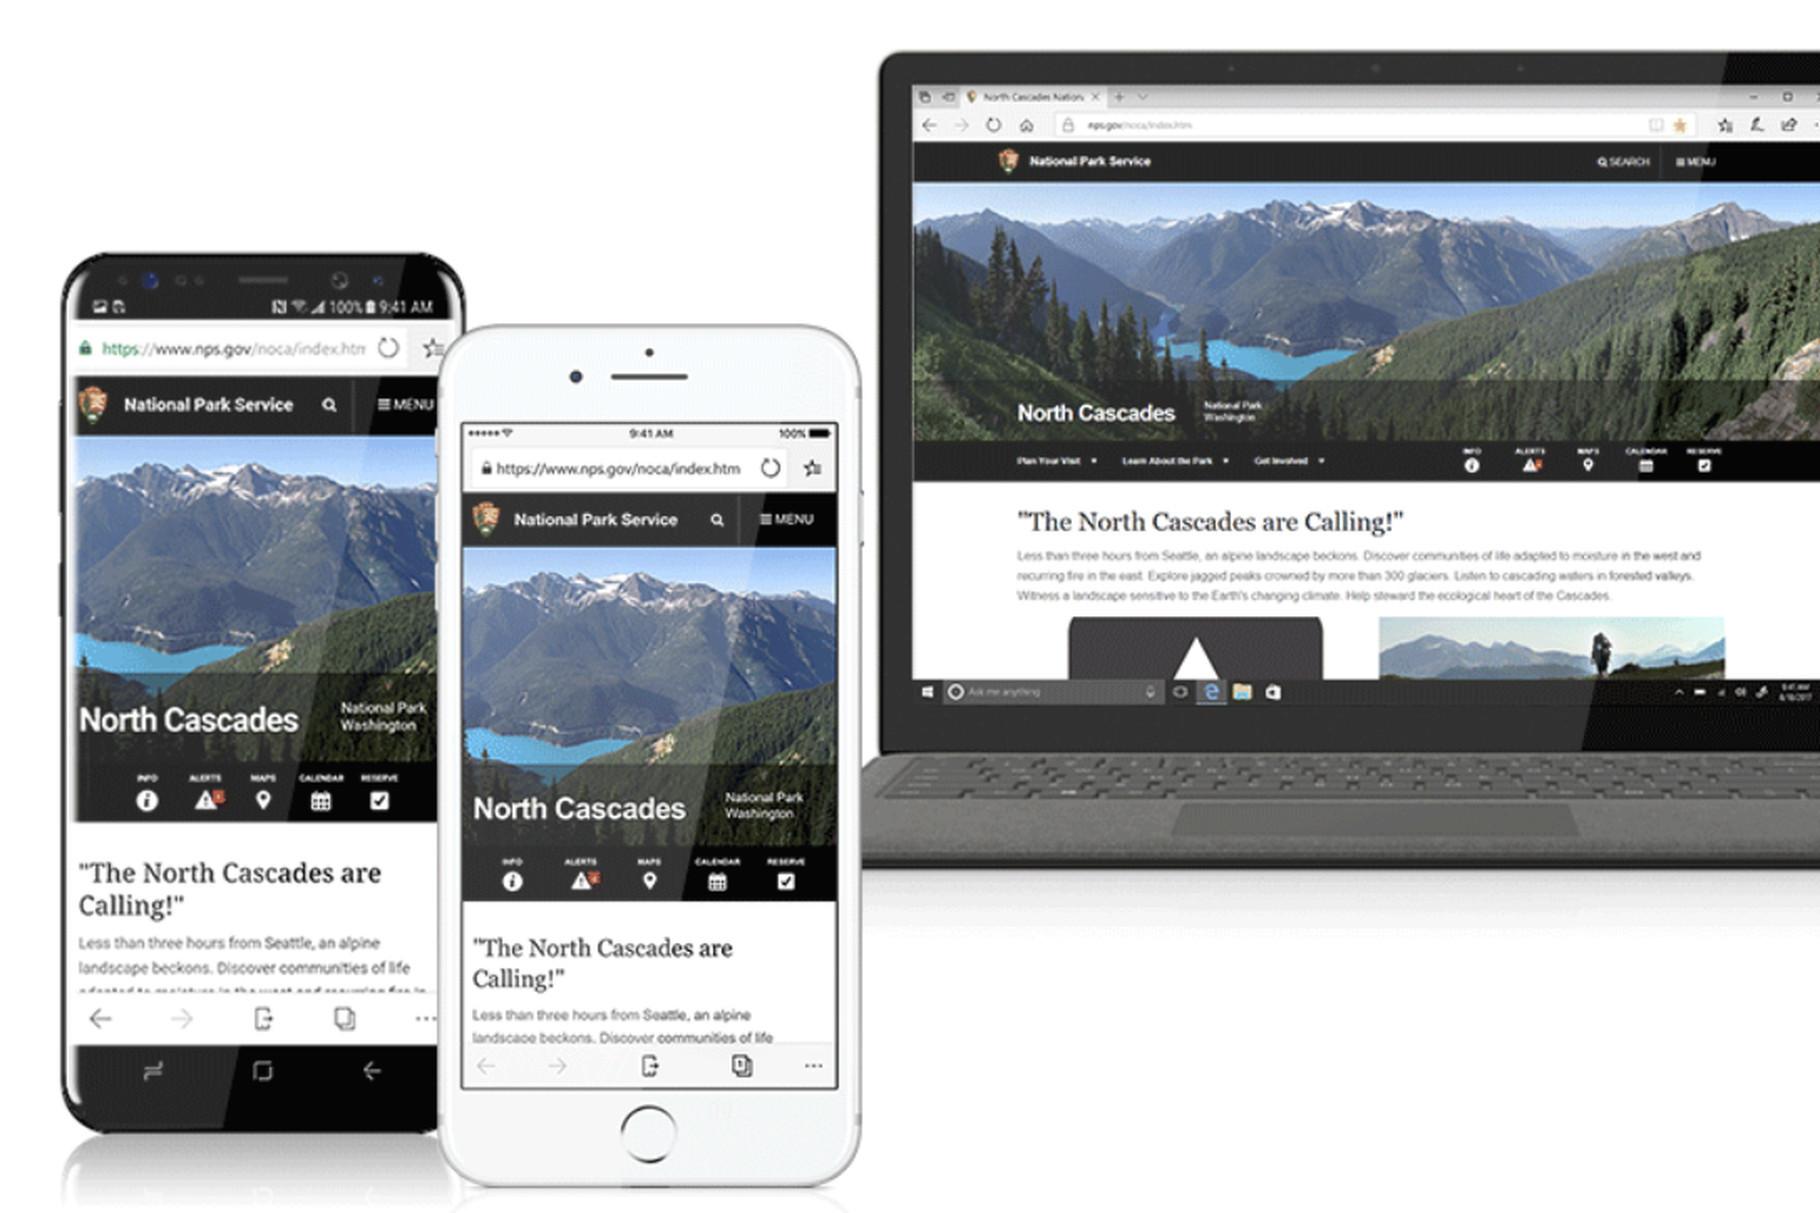 重建 Edge浏览器:用谷歌内核. 能在 Mac上运行